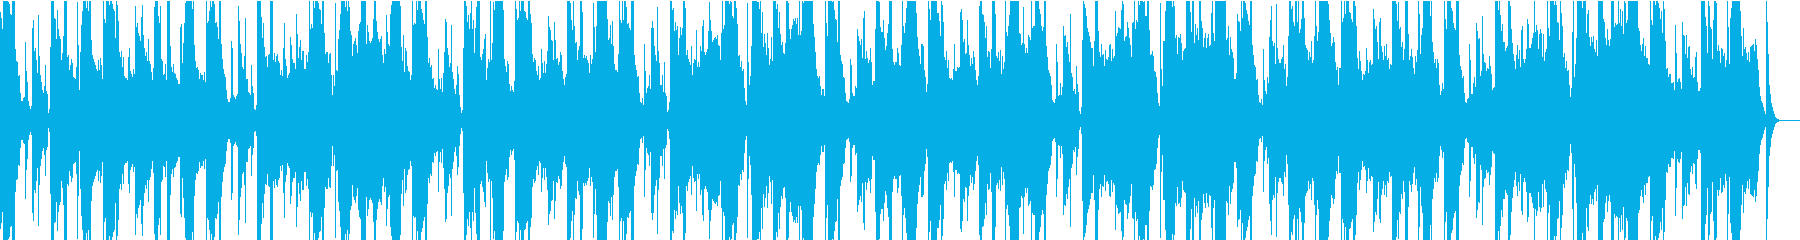 グリッチとザラザラしたダブステップ...の再生済みの波形